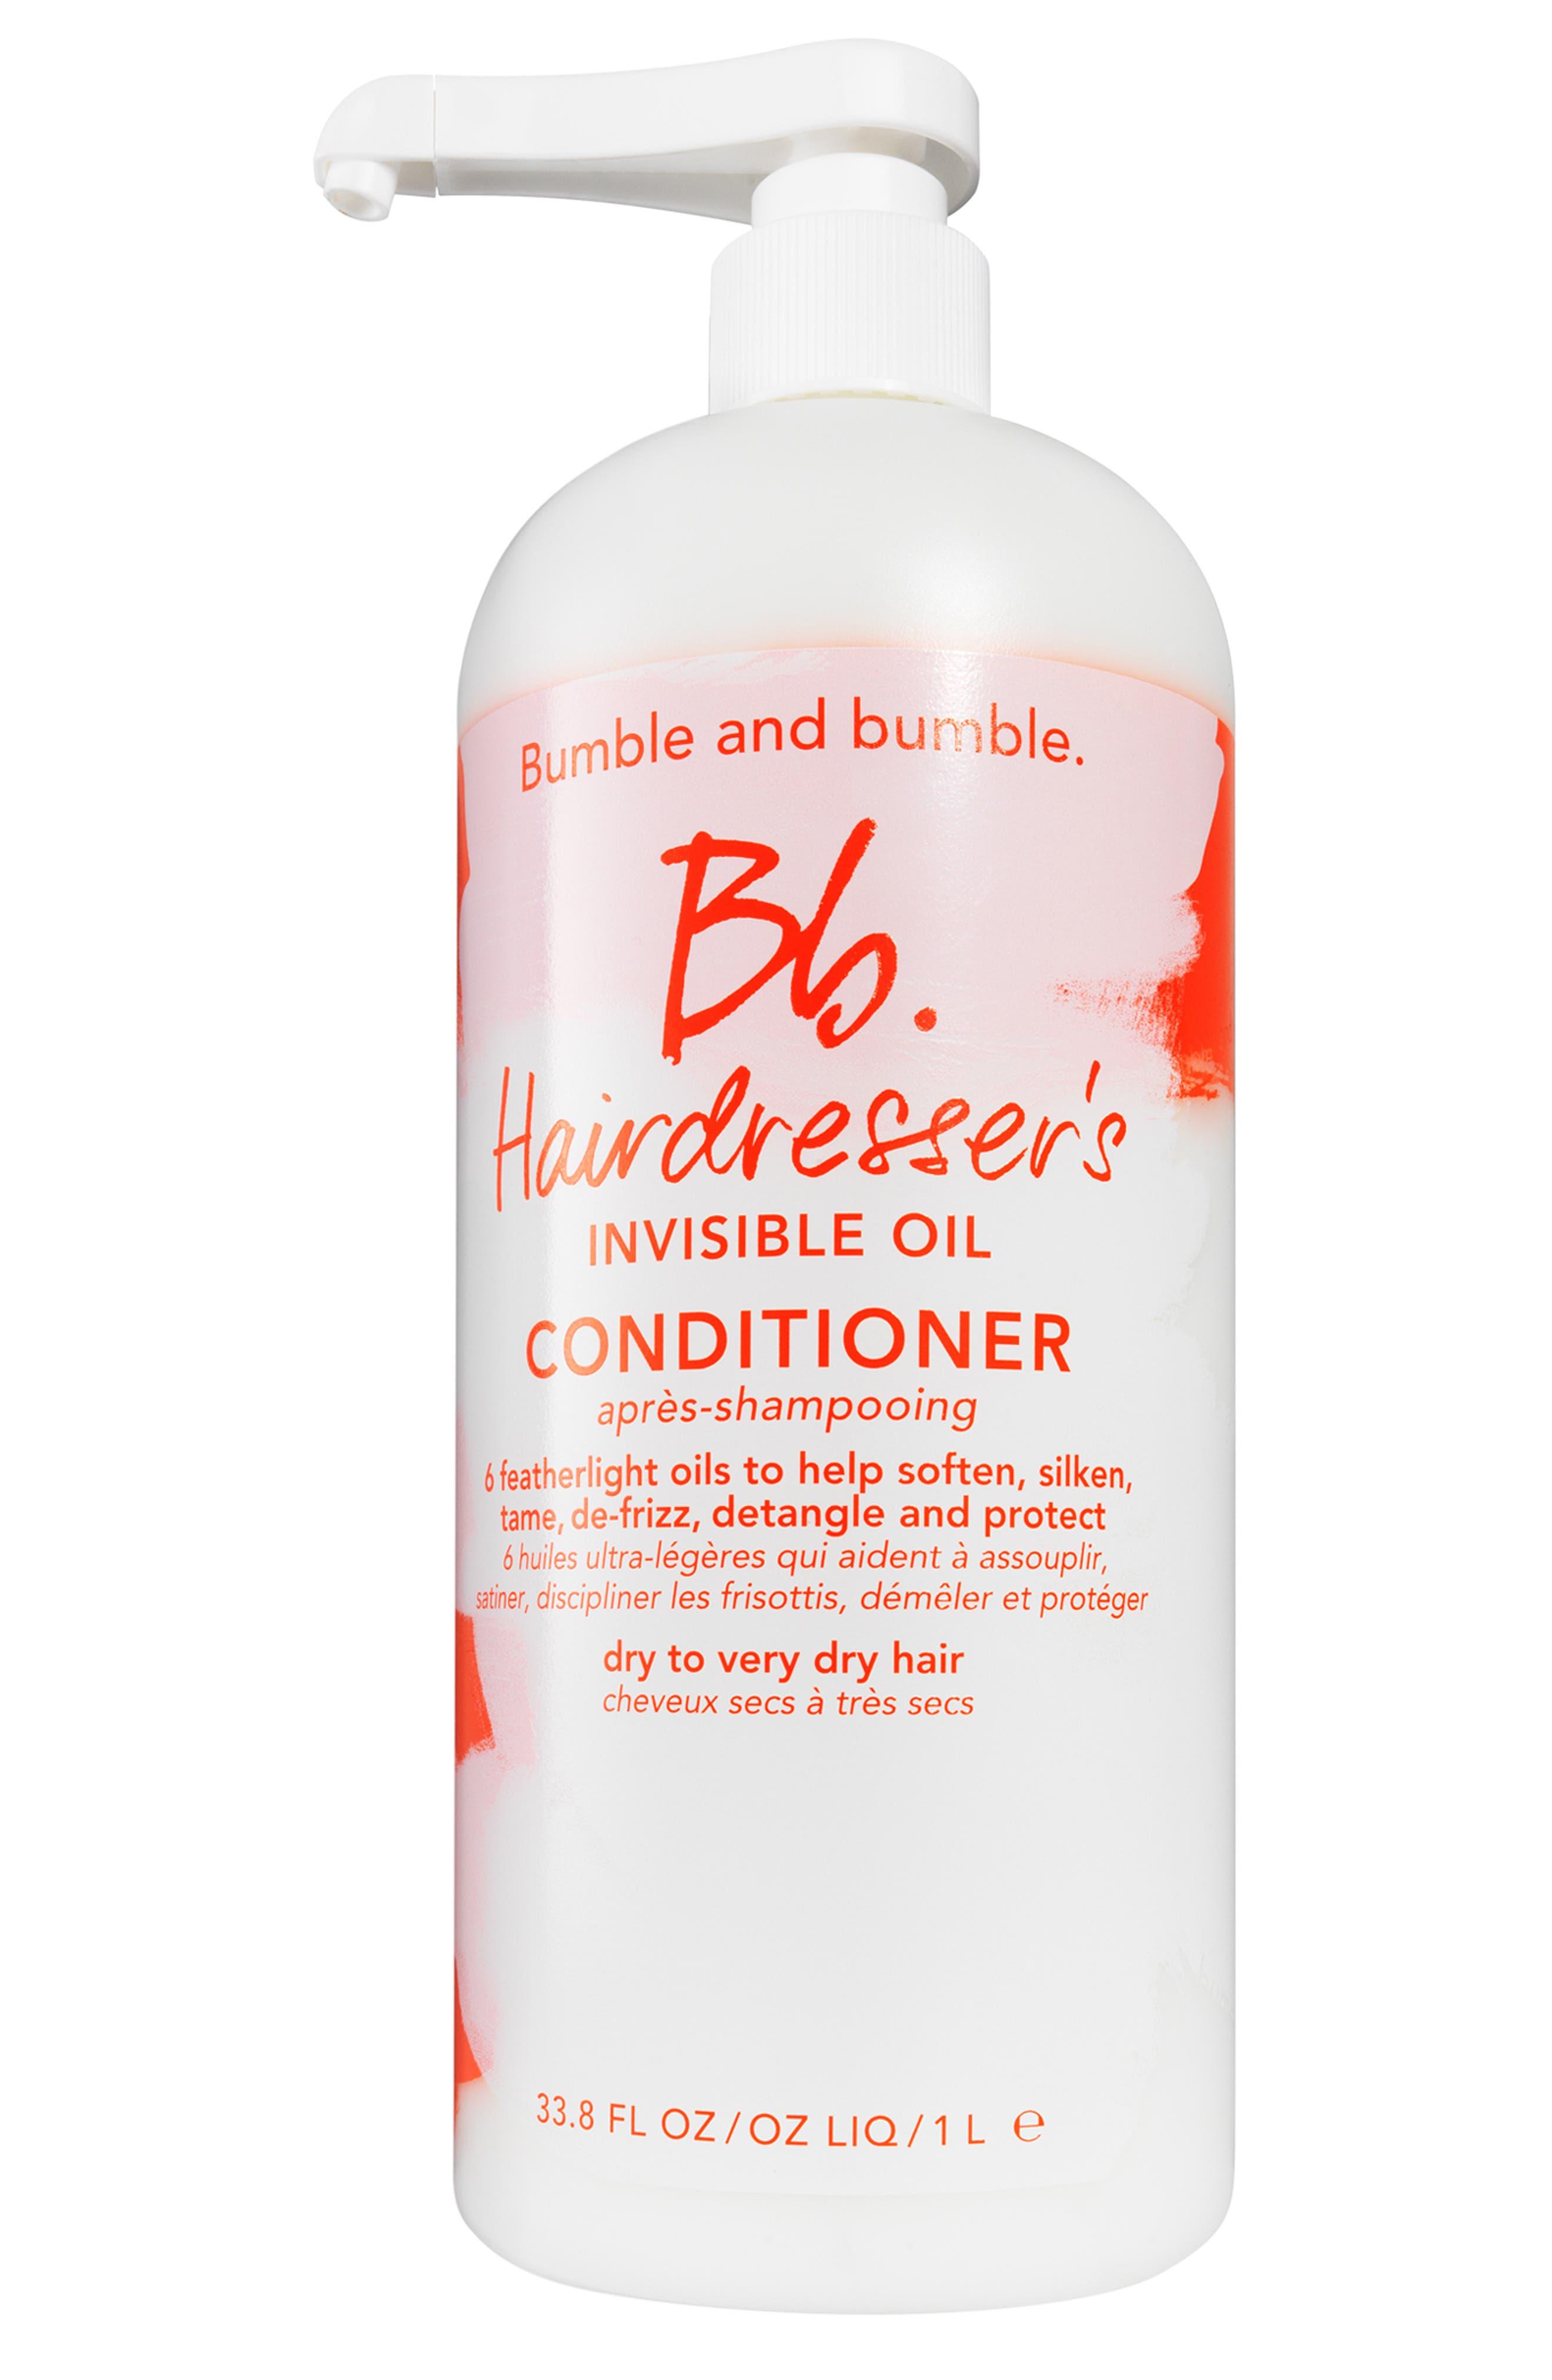 BUMBLE AND BUMBLE., Bumble and bumble Hairdresser's Invisible Oil Conditioner, Alternate thumbnail 3, color, NO COLOR